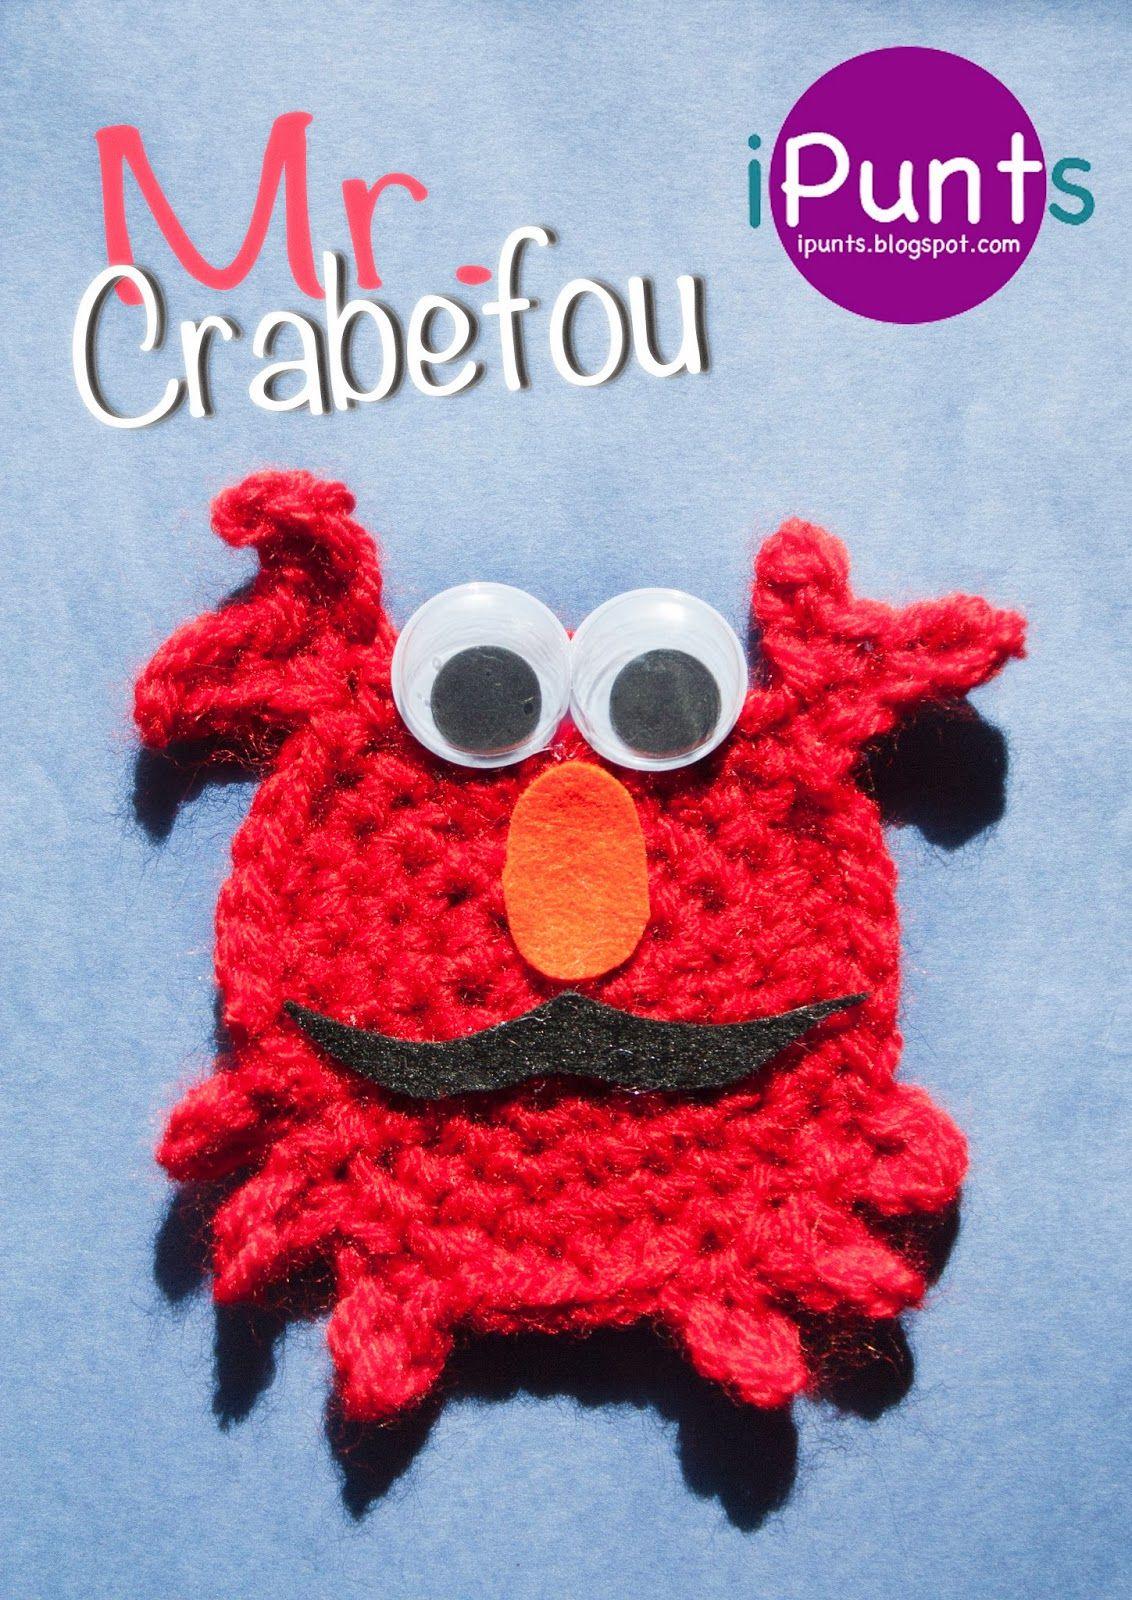 Mr. Crabefou, un cangrejo loco y divertido. Patrón gratis en el blog ...